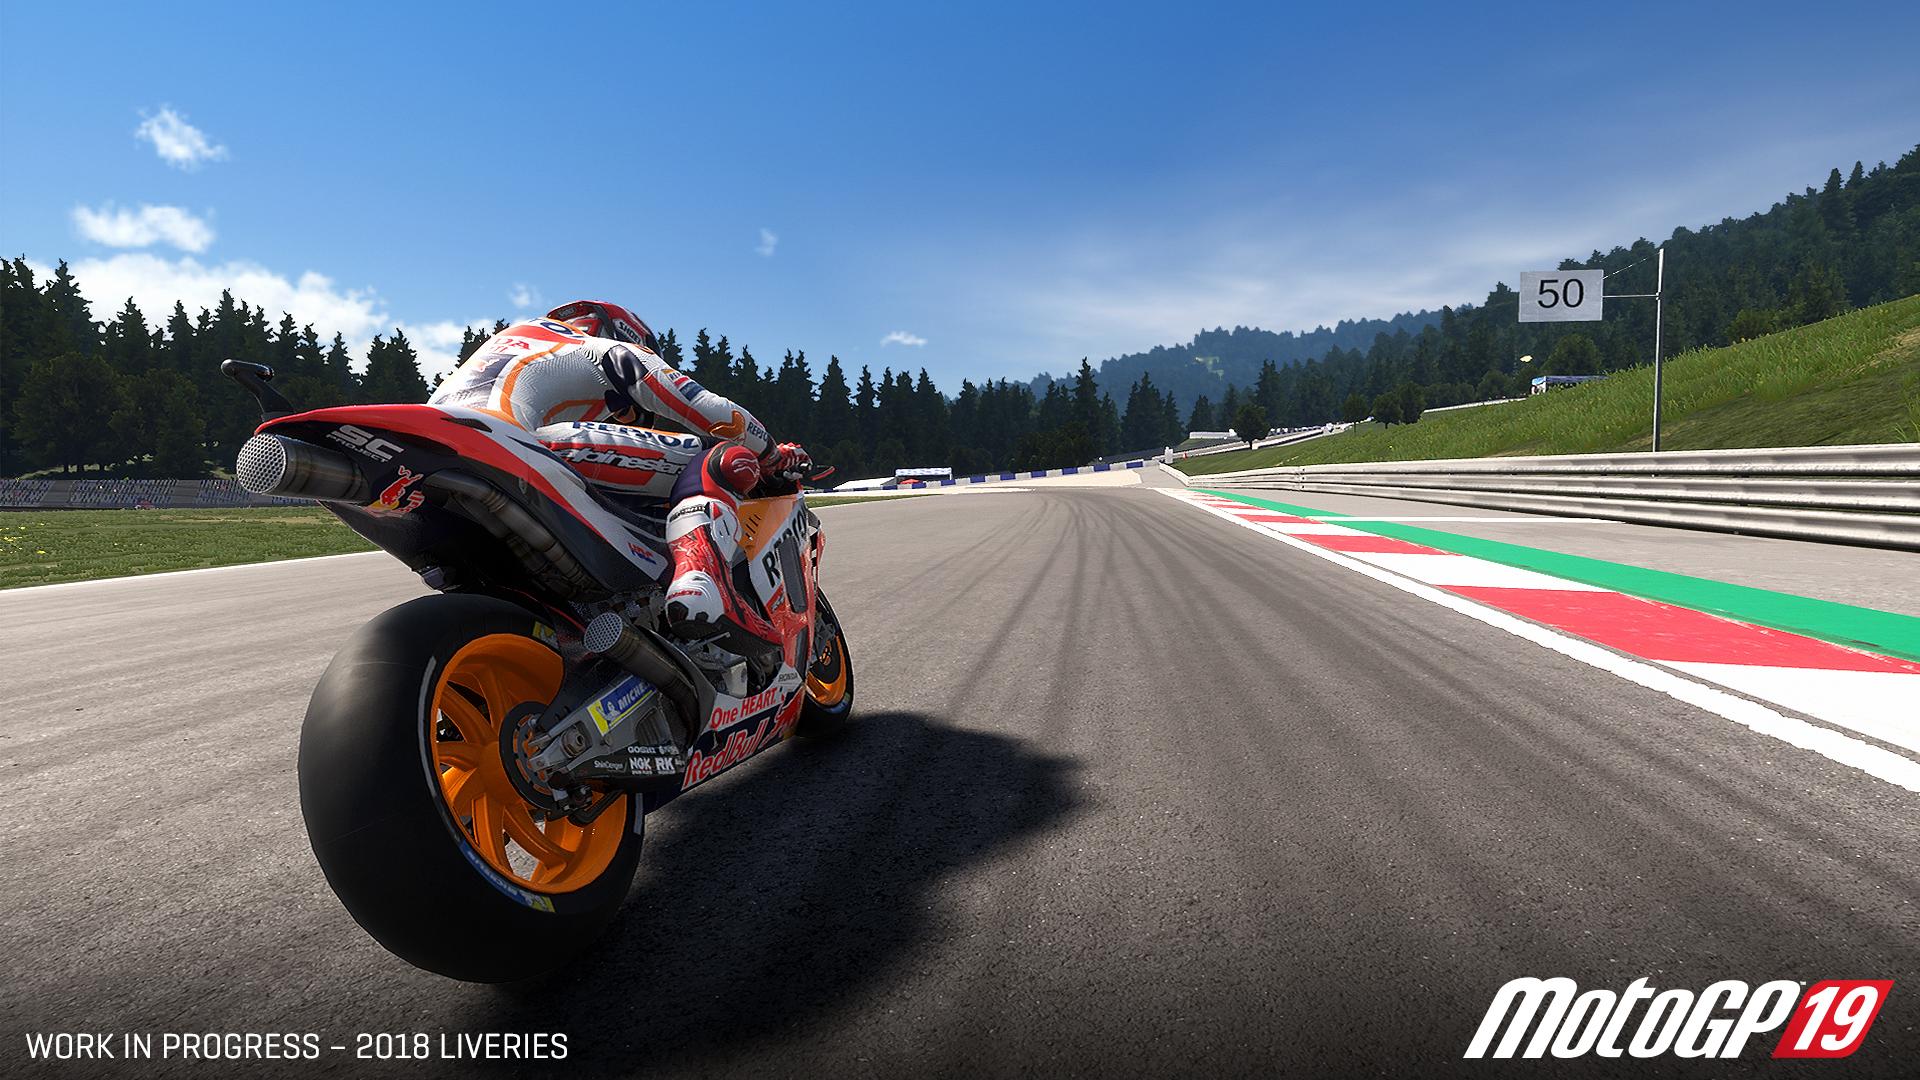 [Switch] MotoGP 19 ganha novo trailer mostrando a gameplay do jogo